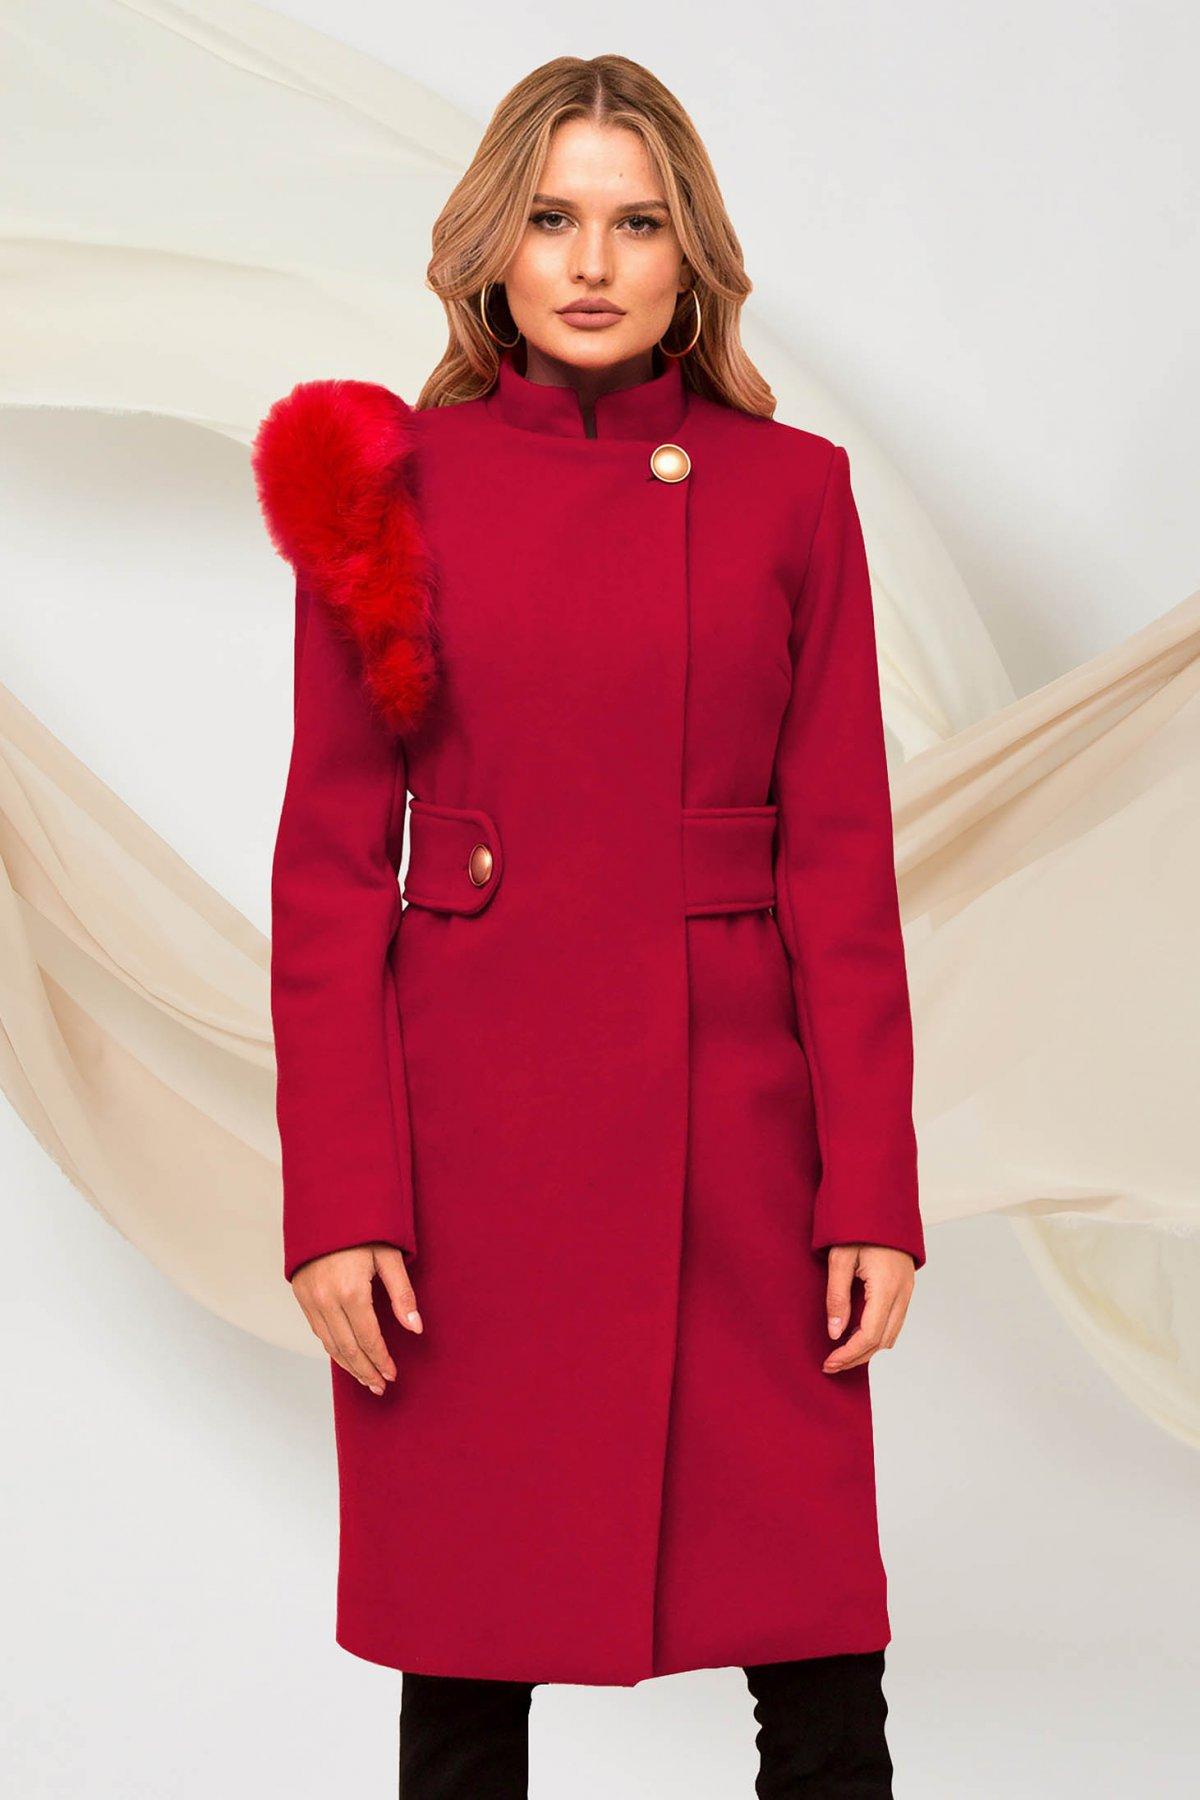 Palton PrettyGirl visiniu din stofa cu insertii cu blana ecologica accesorizat cu cordon